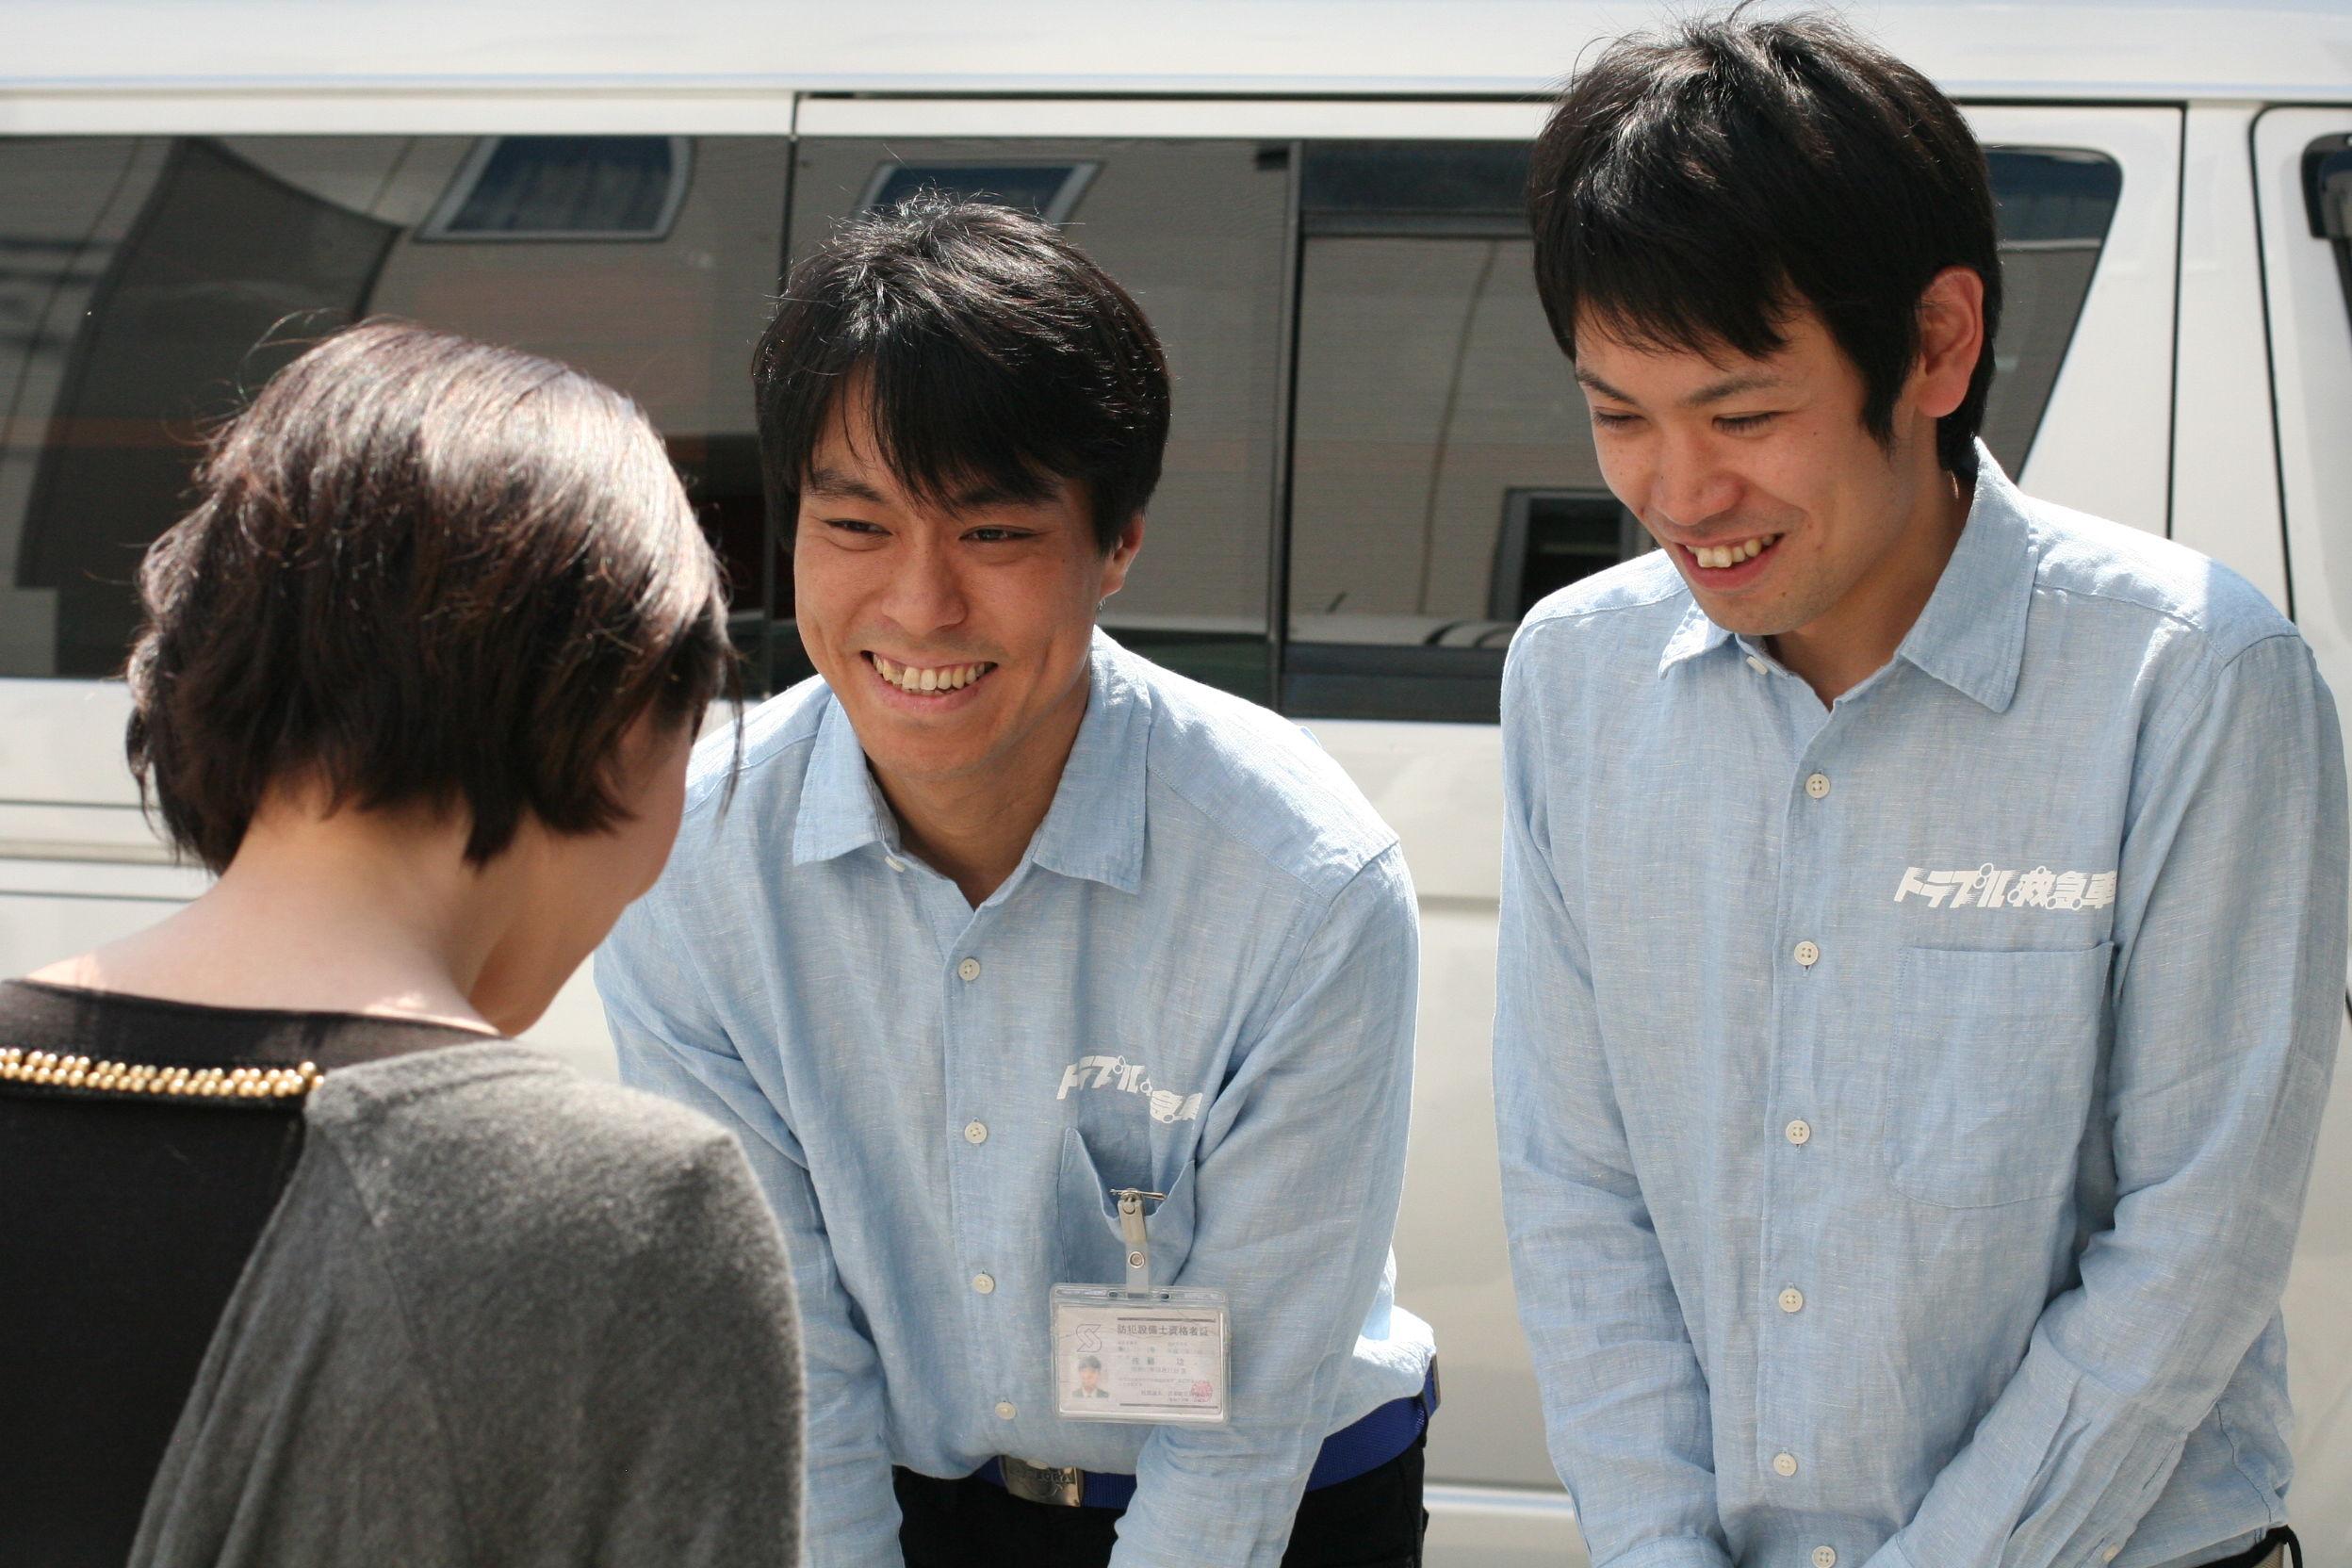 鍵のトラブル救急車【函館市 出張エリア】のアピールポイント1